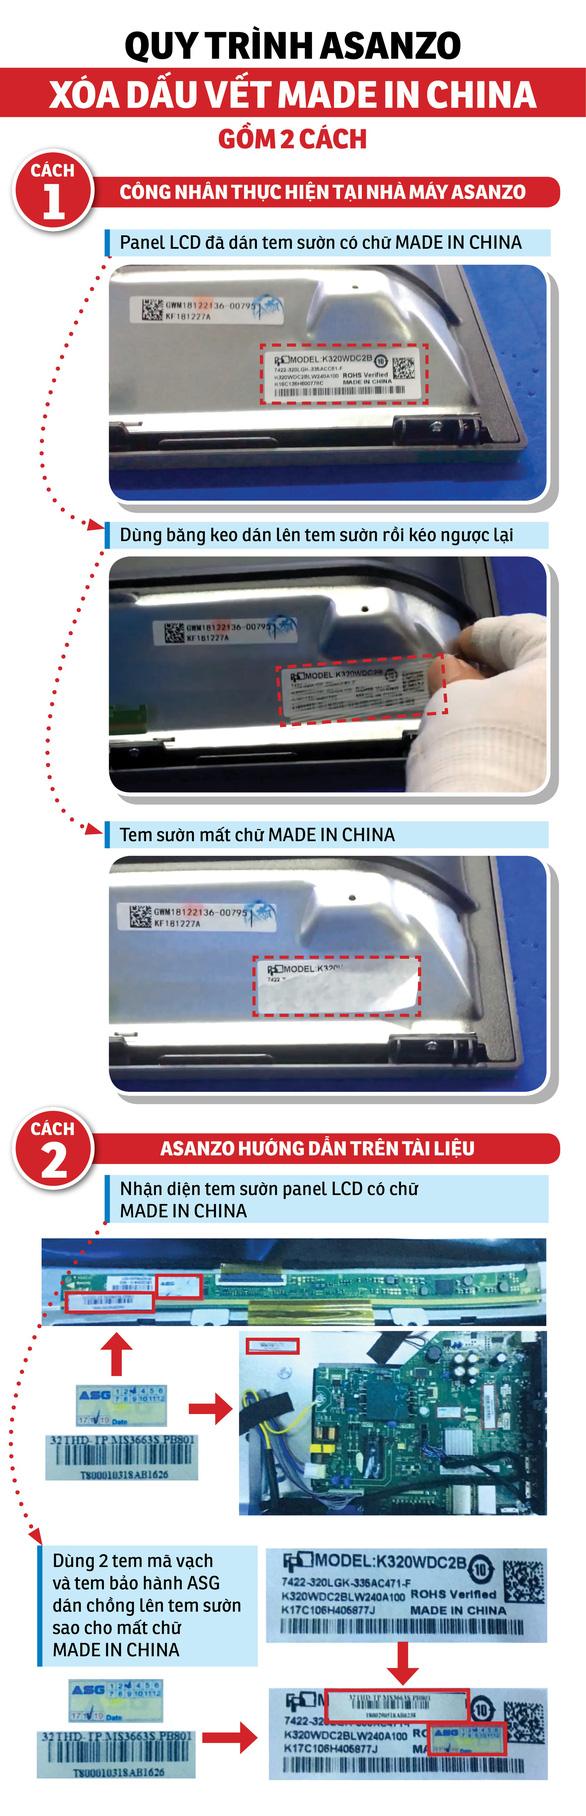 Điều tra: Thủ thuật xóa dấu vết made in China của Asanzo - Ảnh 3.